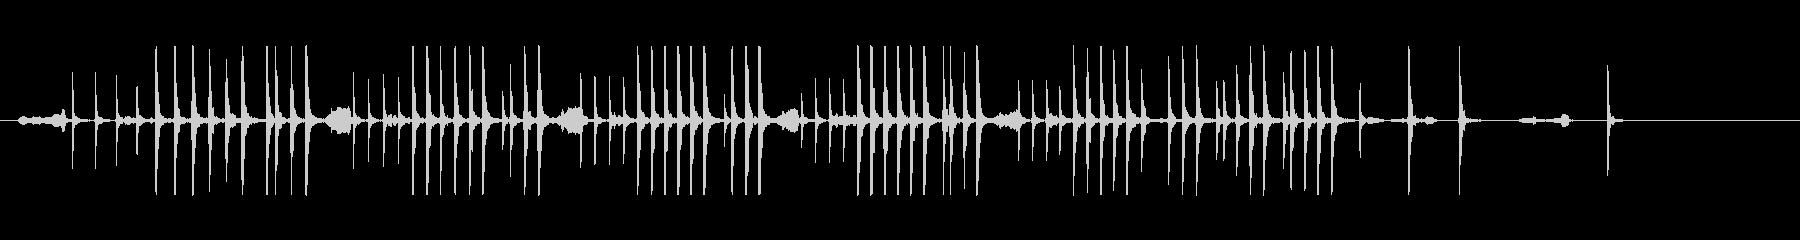 鼓16急の舞風和風歌舞伎アジアンイヨーポの未再生の波形